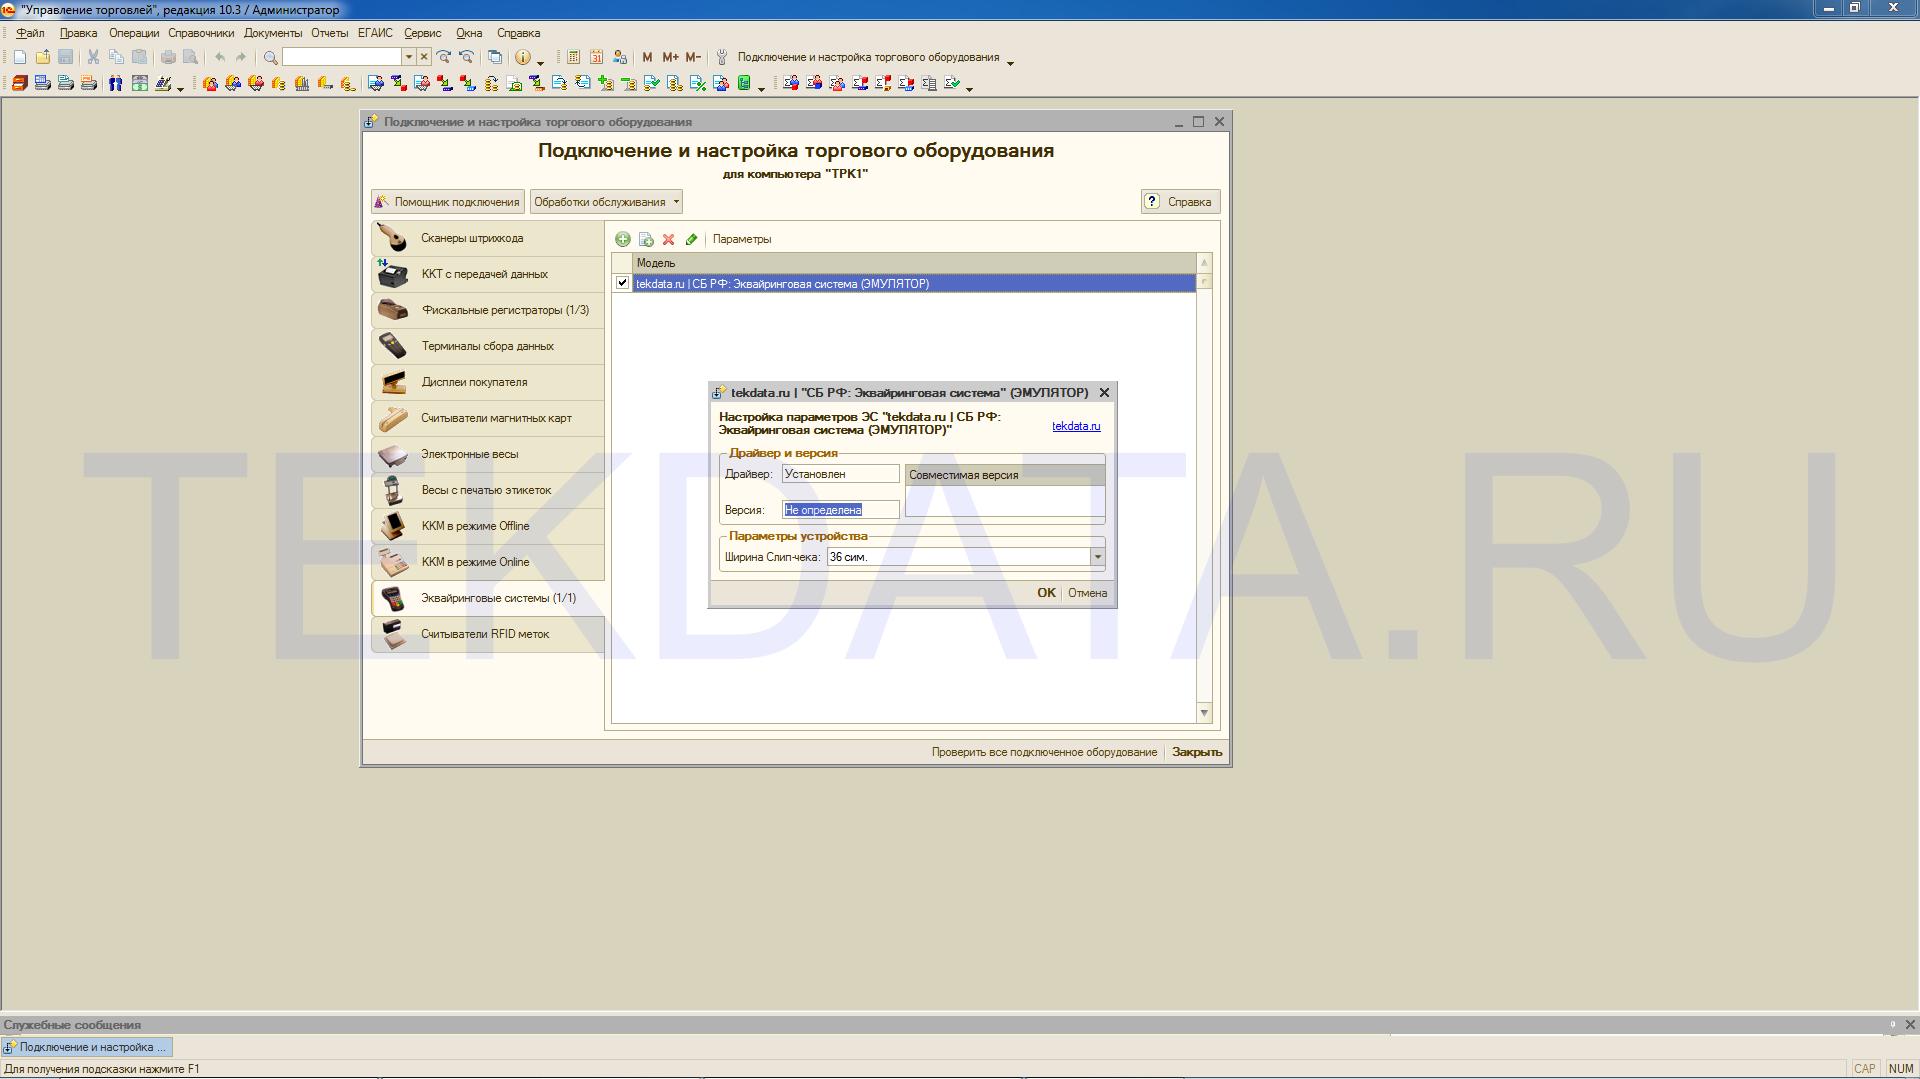 Эмулятор эквайринговой системы СБ РФ (эмулятор печати слип-чека) для 1С